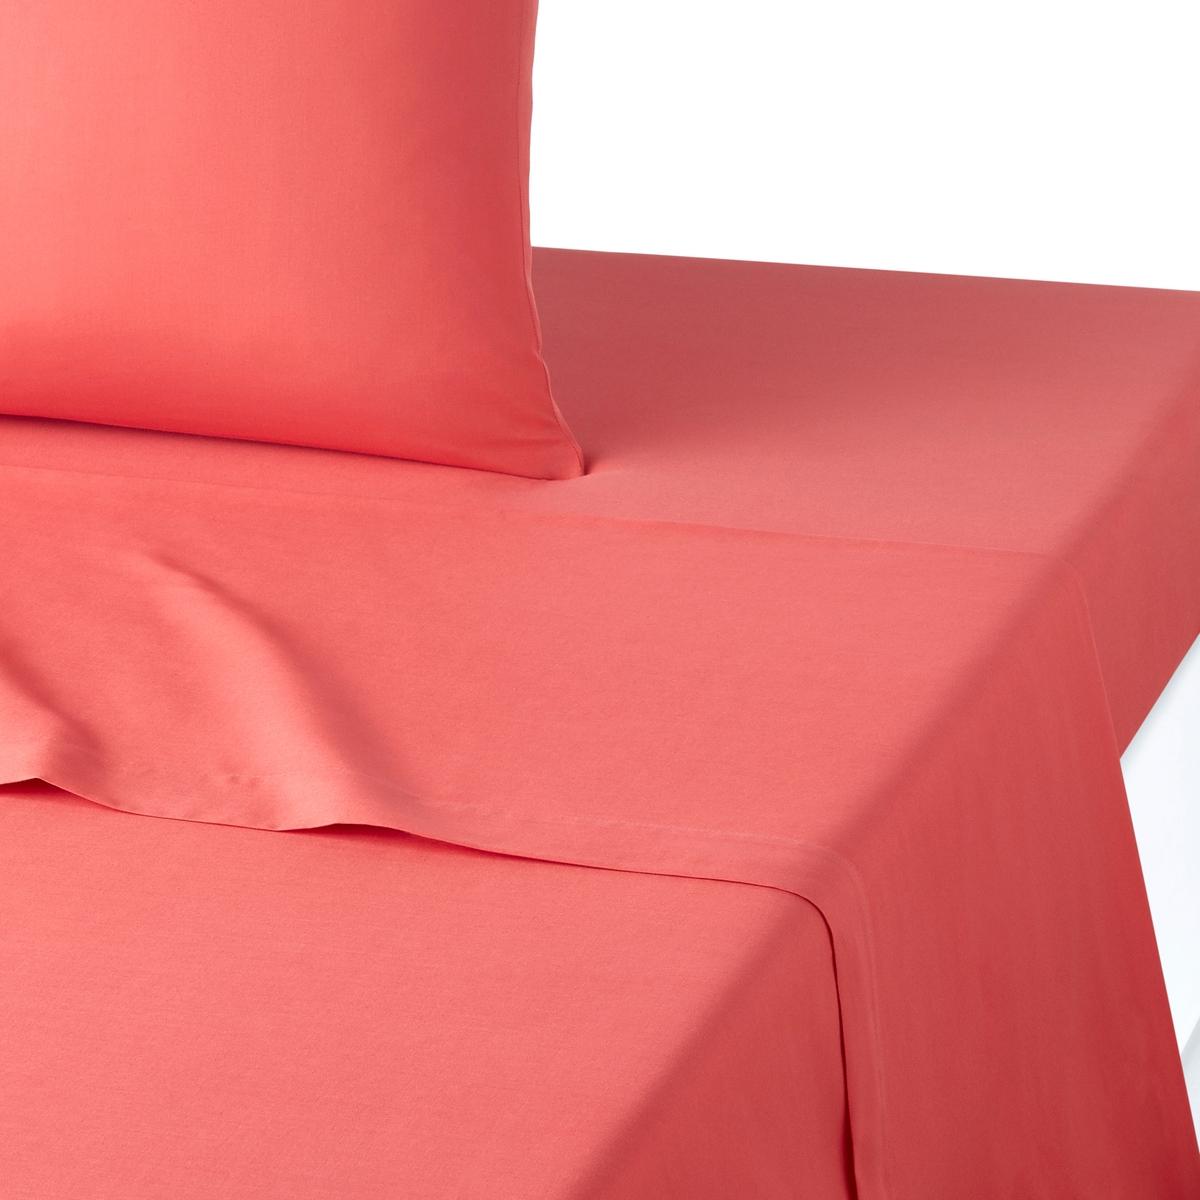 Простыня, 100% хлопокПростыня из 100% хлопка, ткань с плотным переплетением нитей .Отличная стойкость цвета при стирке при 60°. 57 нитей/см? : чем больше нитей/см?, тем выше качество материалаПроизводство осуществляется с учетом стандартов по защите окружающей среды и здоровья человека, что подтверждено сертификатом Oeko-tex®.  . Простыня :150 x 250 см: 1-сп . 1-сп??180 x 290 см: 1-сп .240 х 290 см : 2-сп.270 x 290 см : 2-сп.Ищите комплект постельного белья SC?NARIO на нашем сайте<br><br>Цвет: желтый лимонный,розовый коралловый